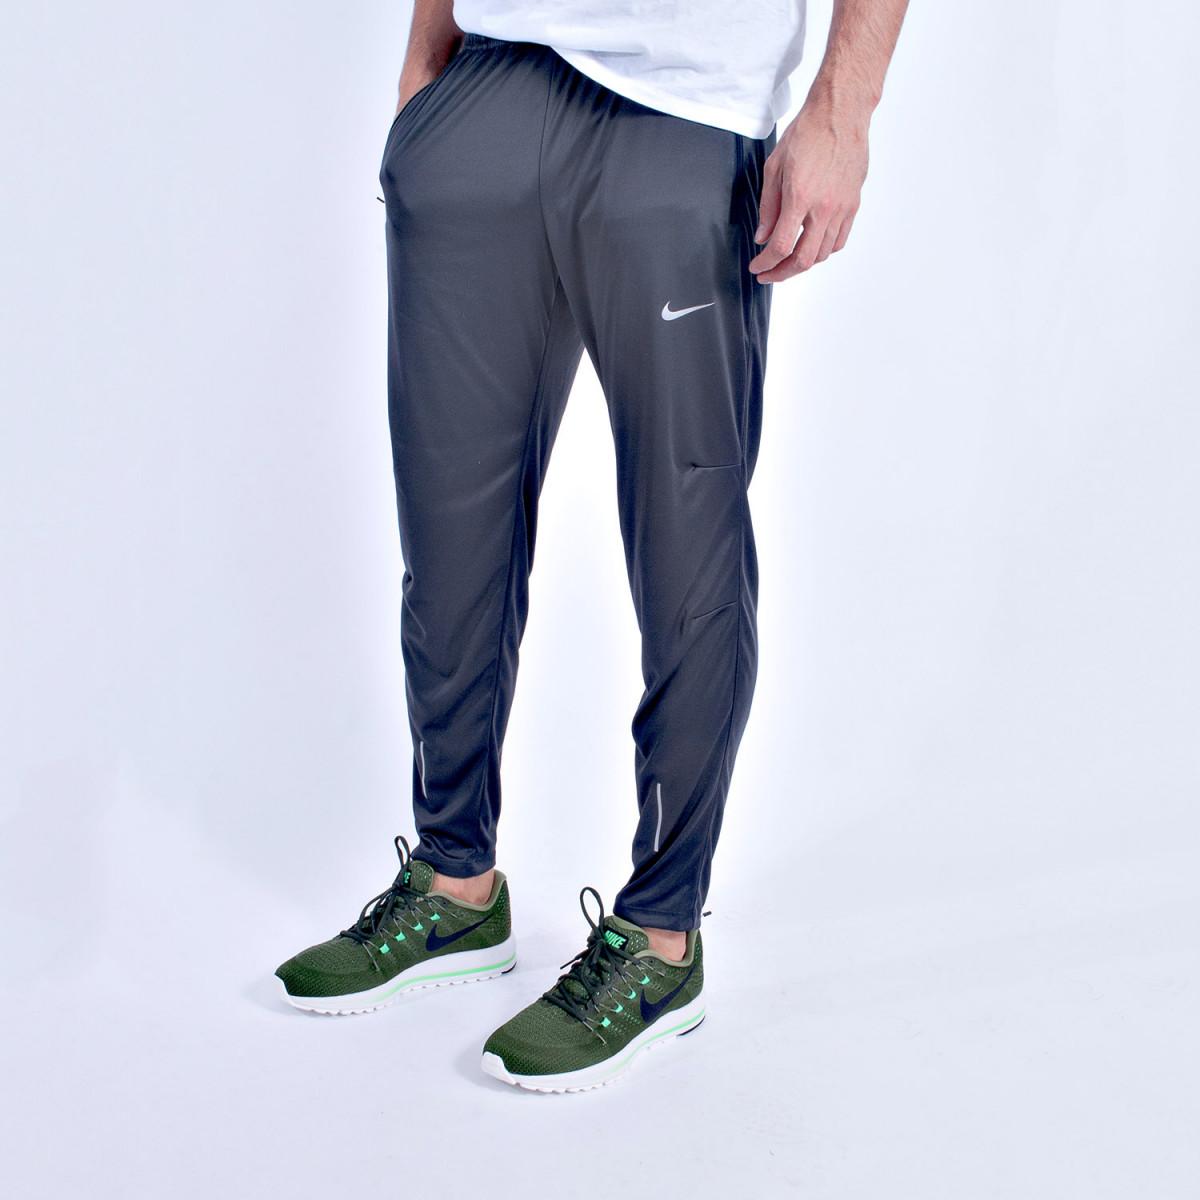 Pantalon Nike Racer Knit Track Pant